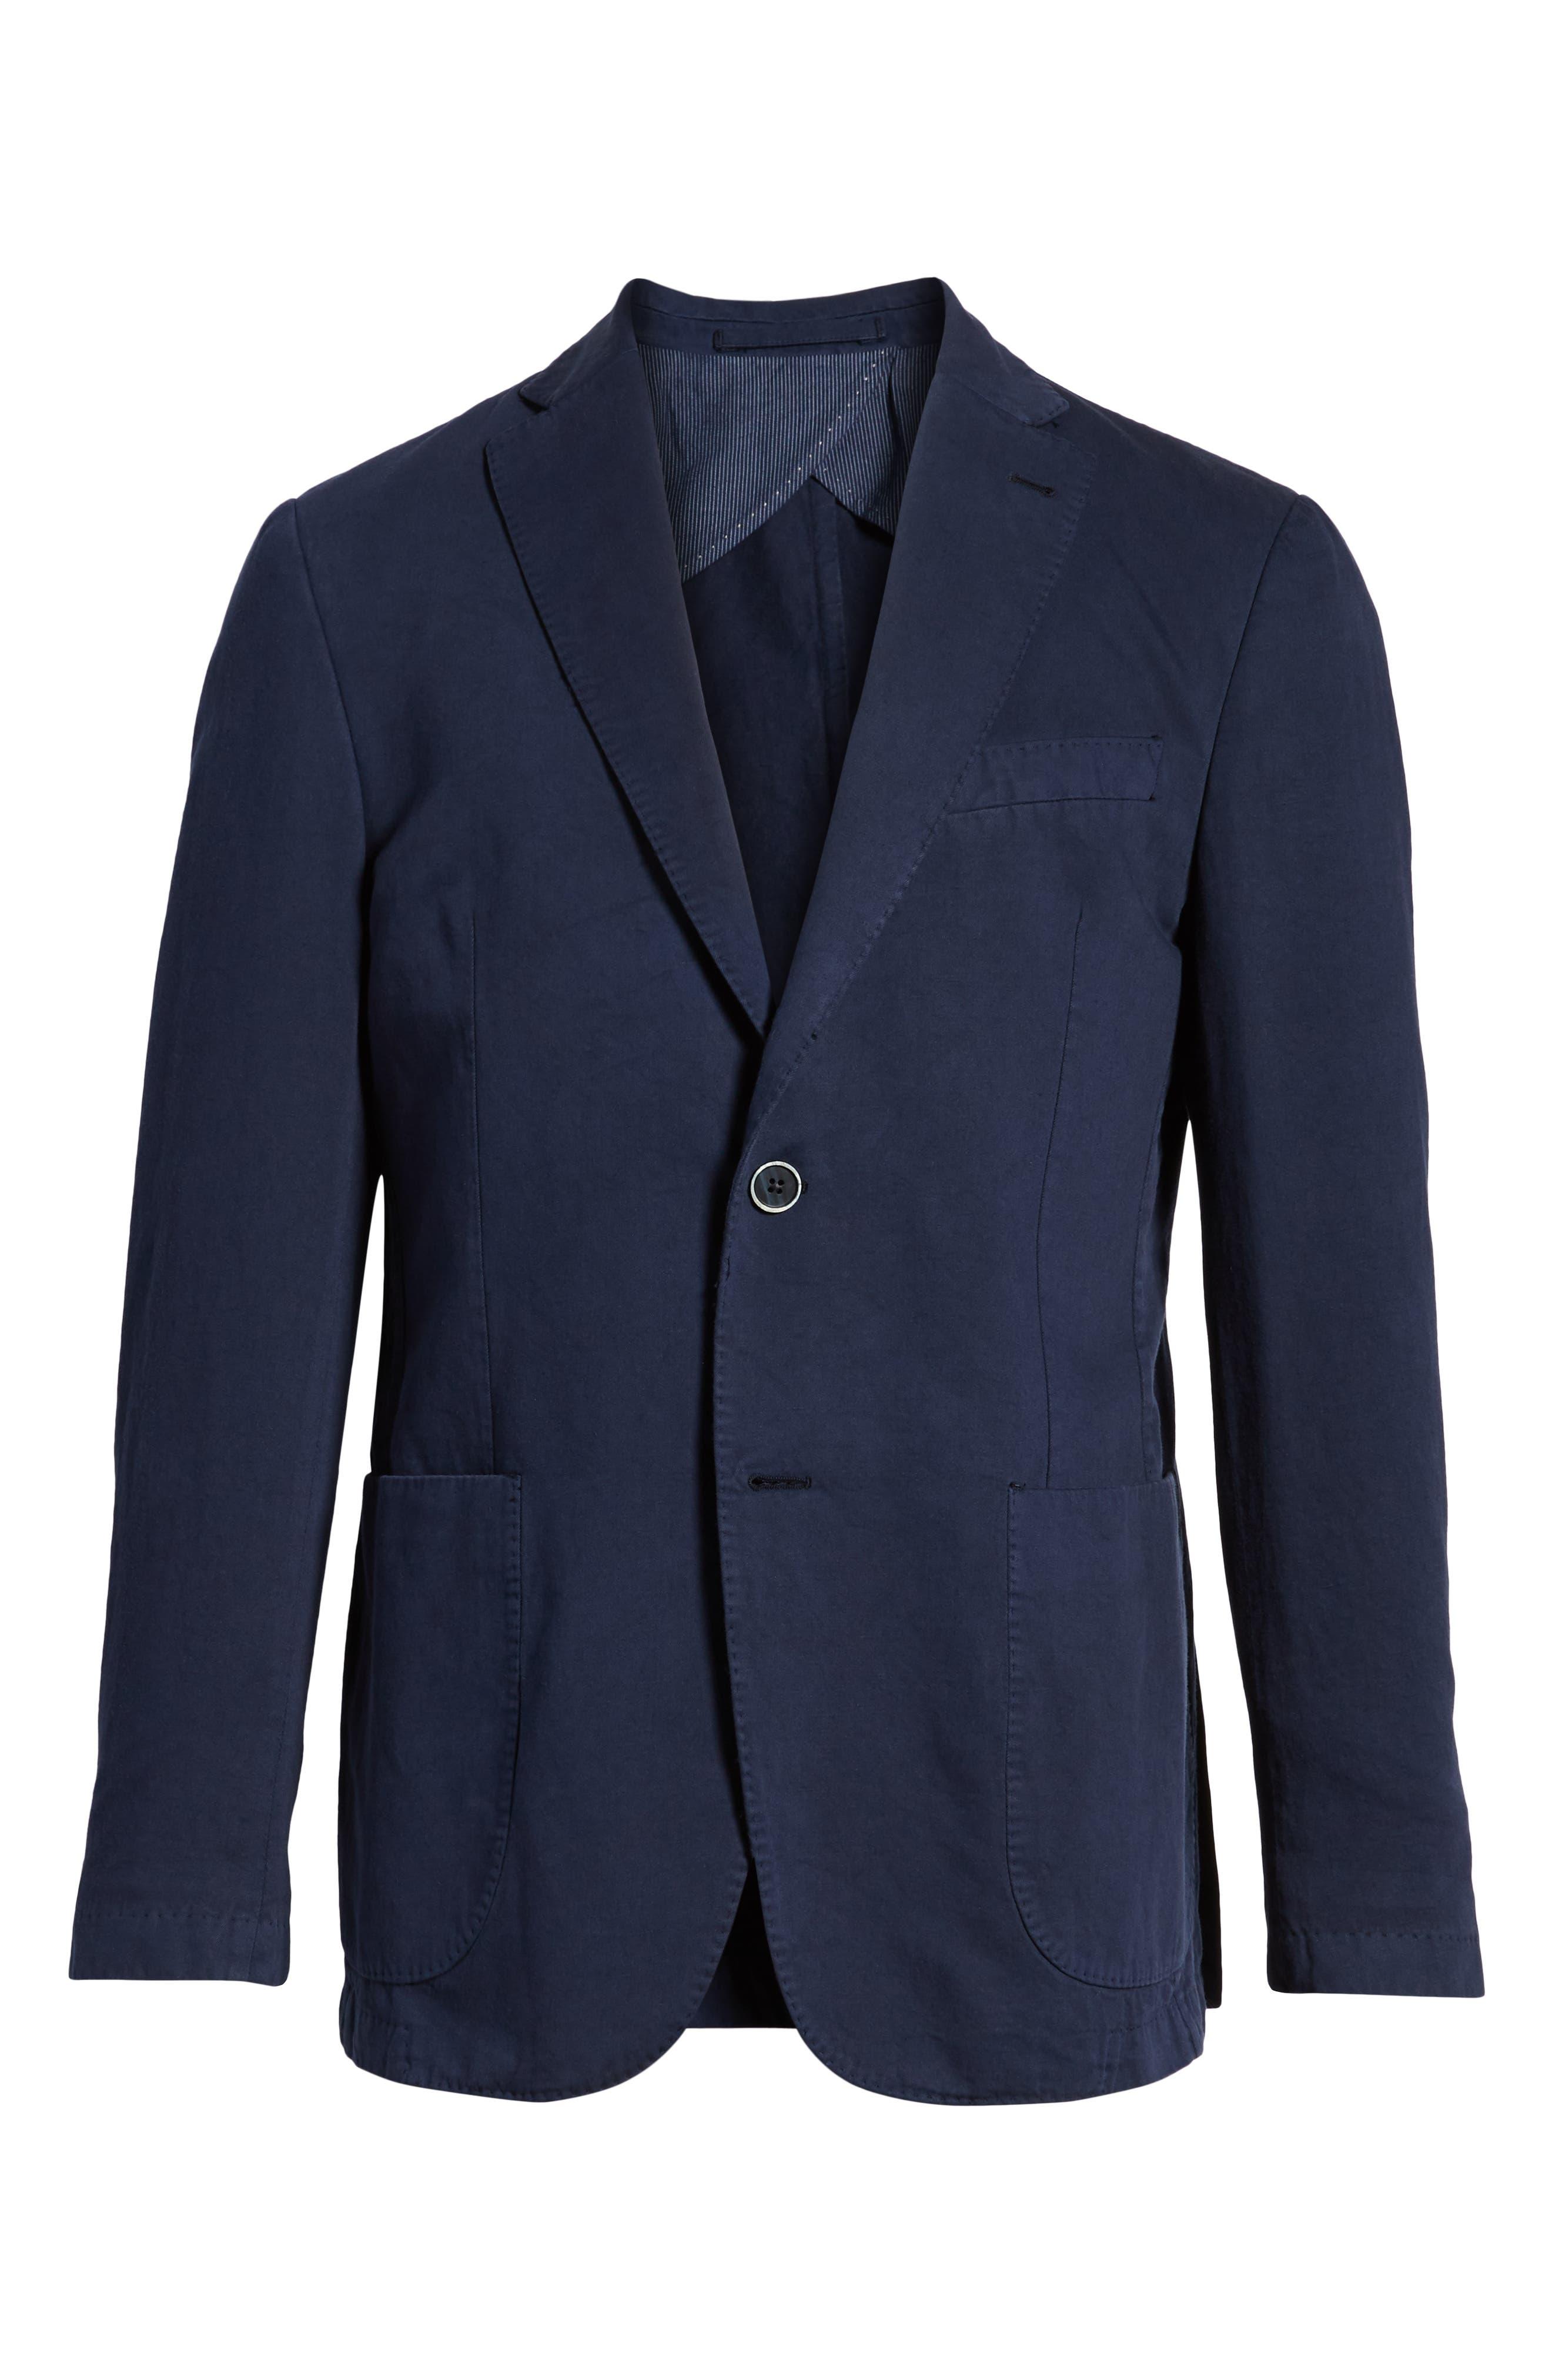 Unstructured Cotton & Linen Blazer,                             Alternate thumbnail 6, color,                             Navy